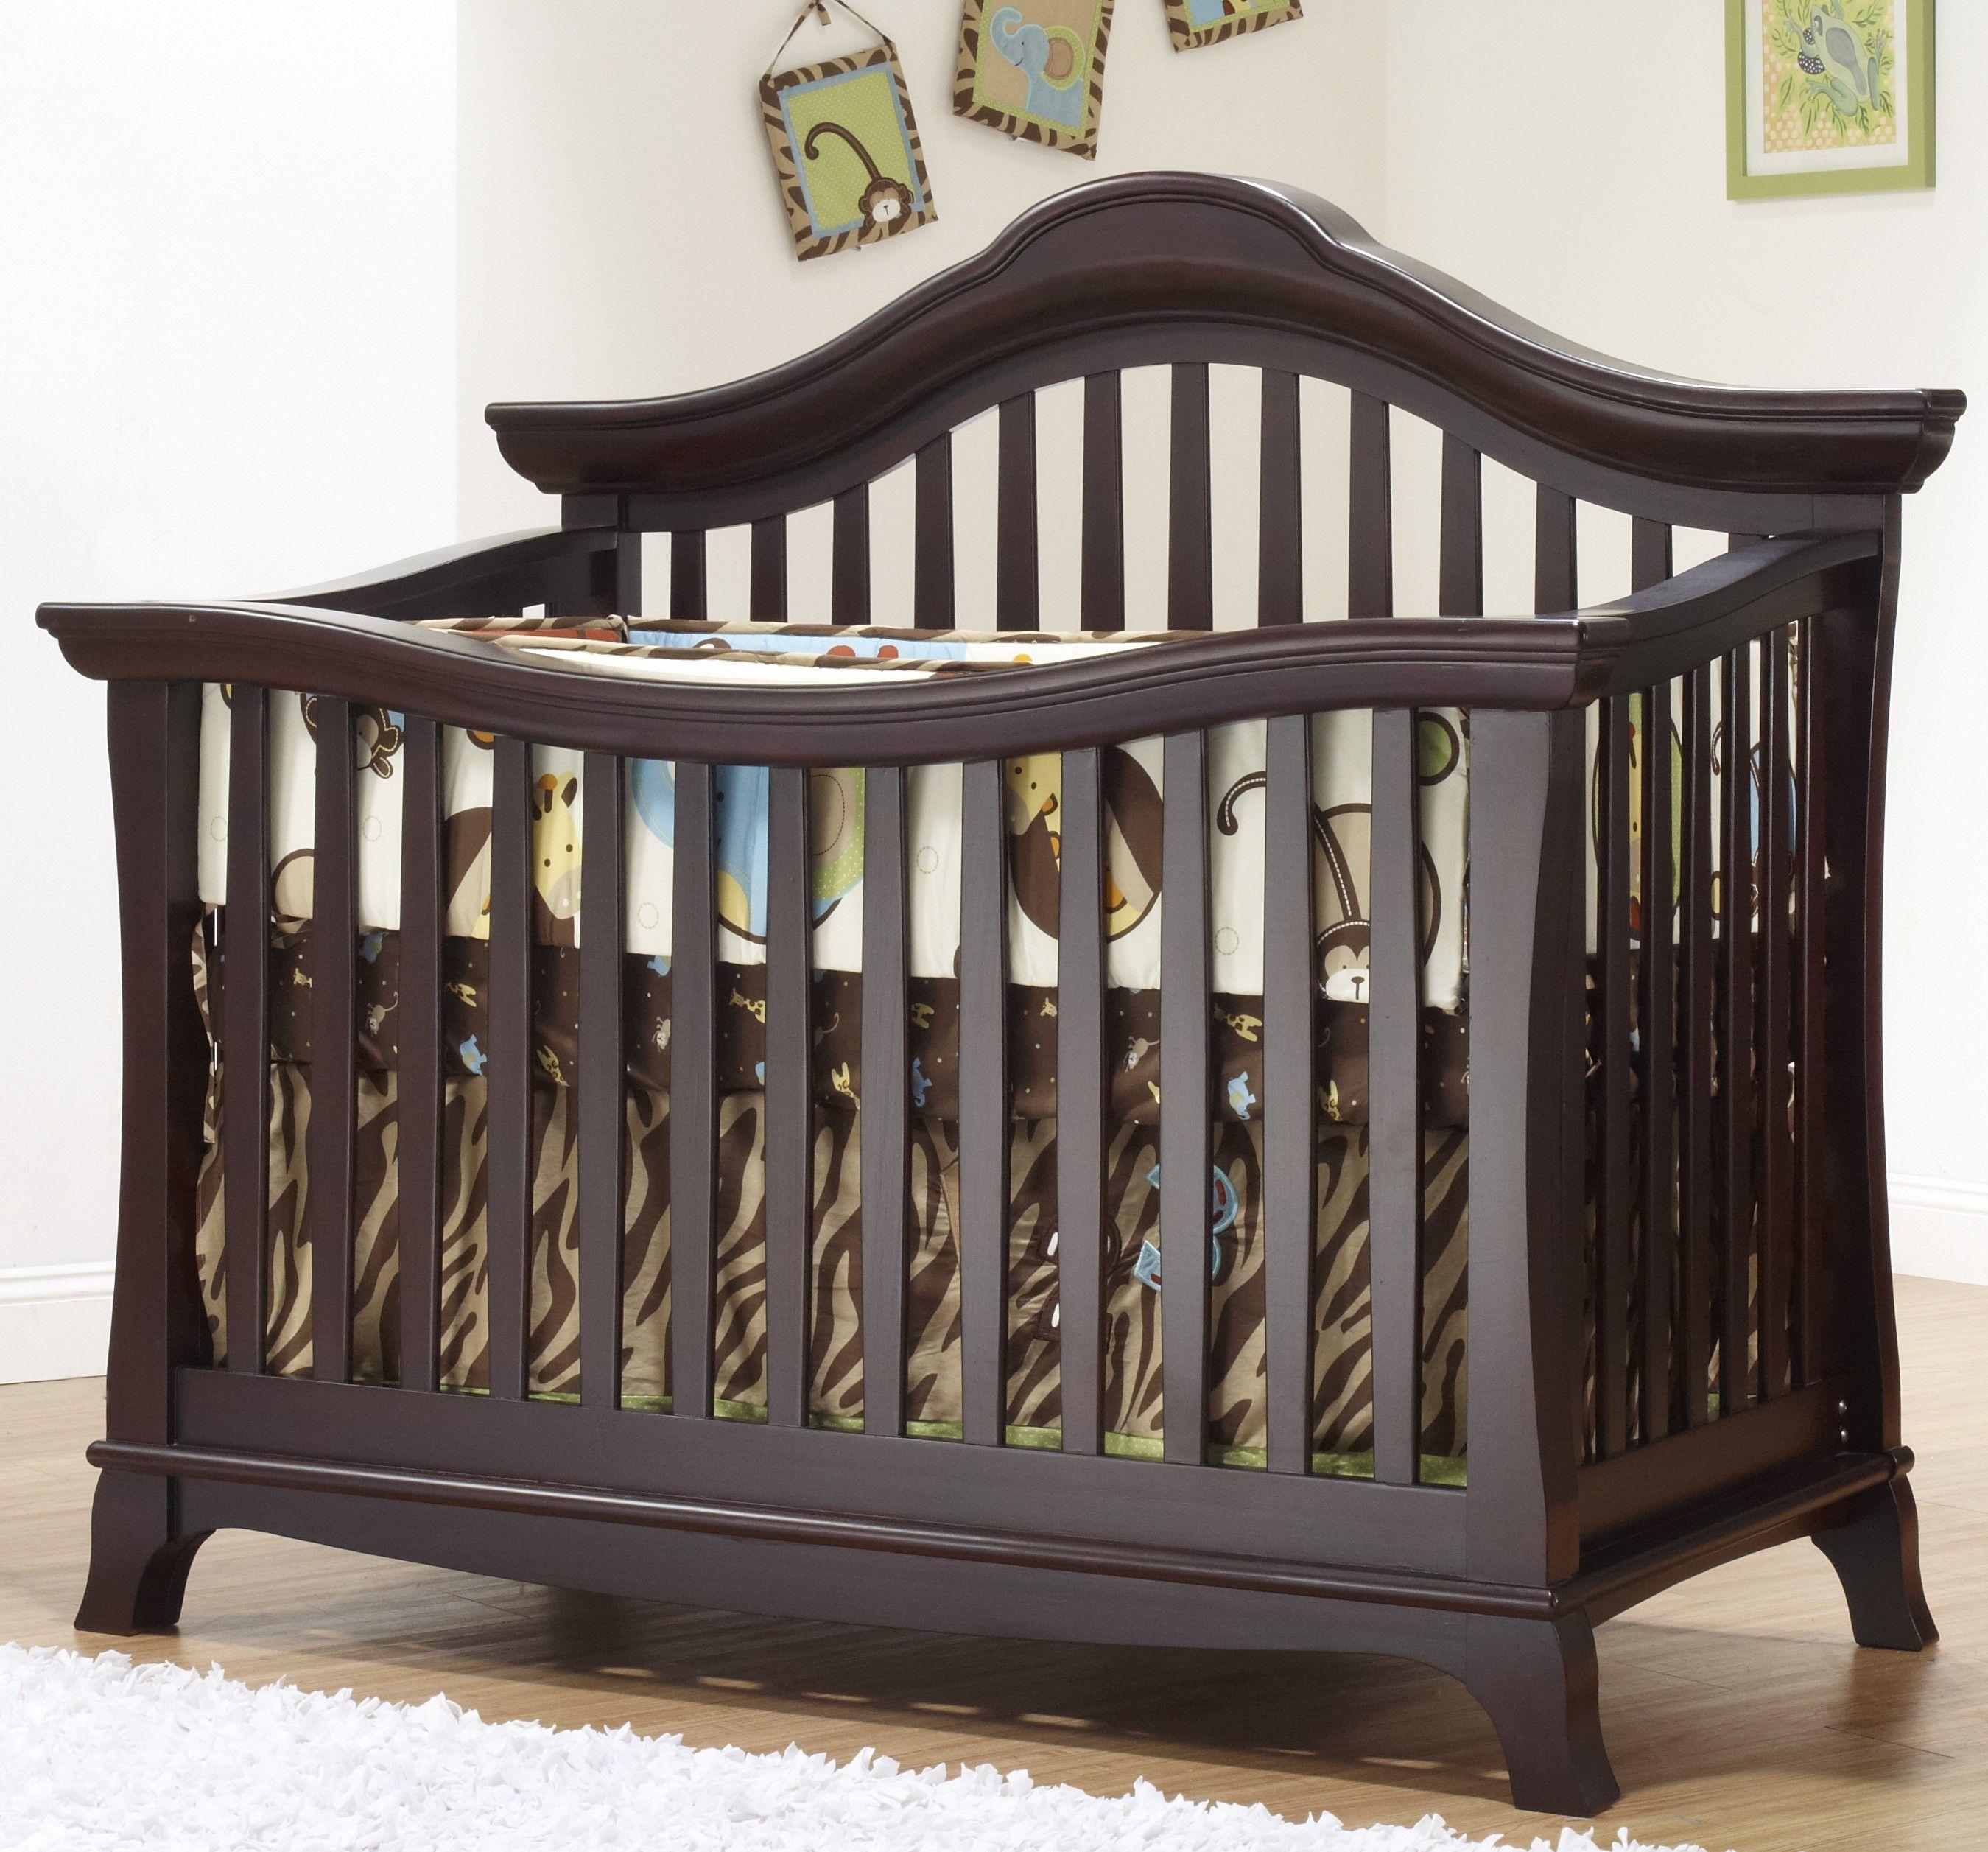 Sorelle Napa Collection Convertible Crib in Merlot Sorelle Napa